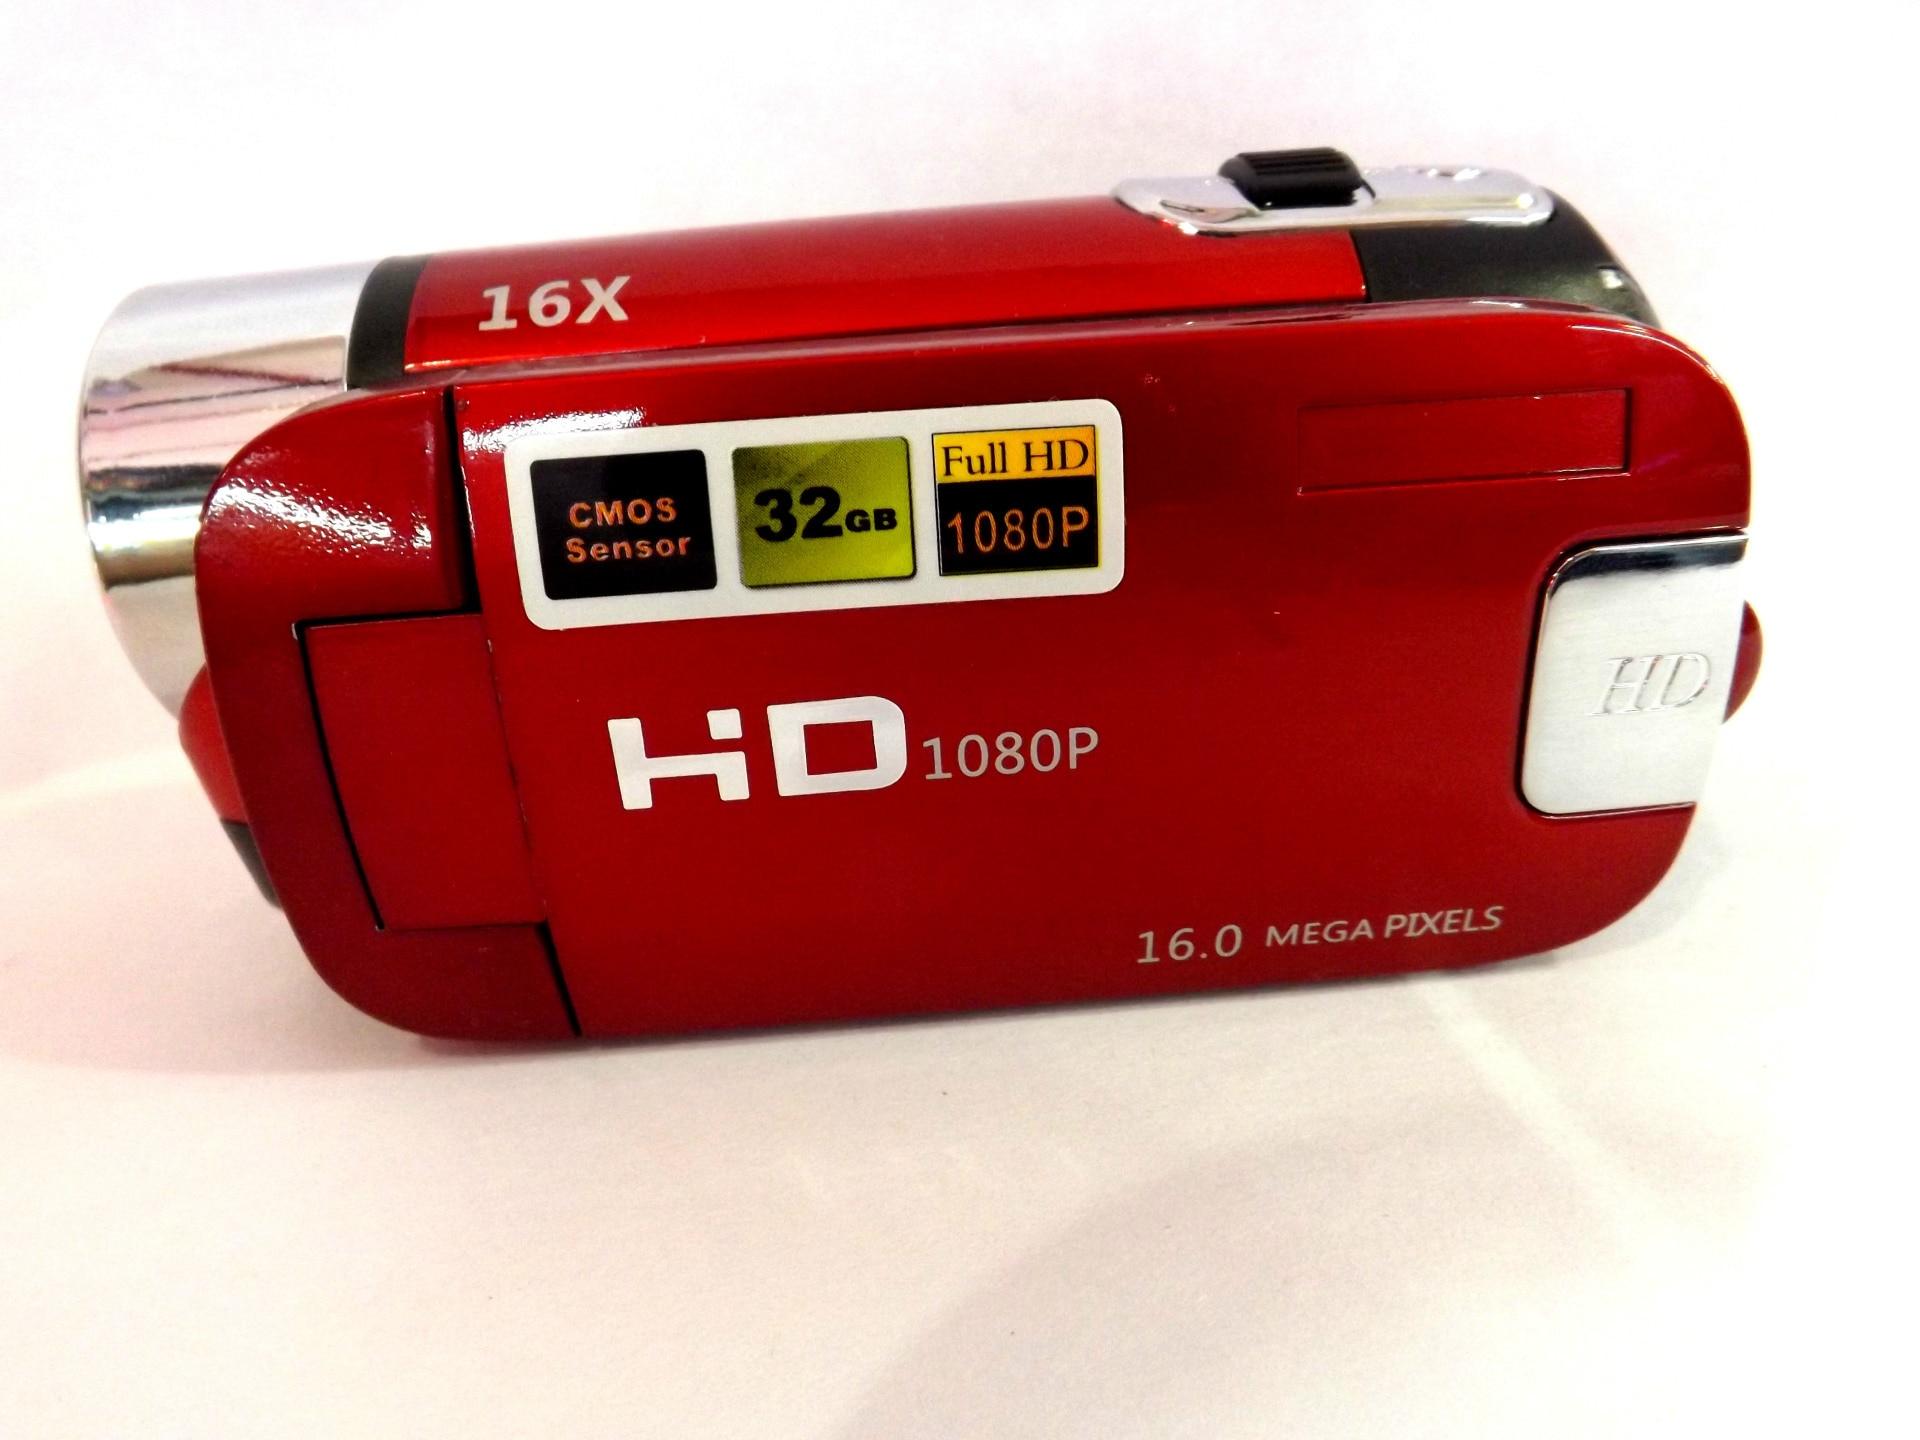 KaRue caméra vidéo numérique HD 1080P 32GB 16x Zoom Mini caméscope DV caméra prise en charge AVI 1080P 720P VGA - 4